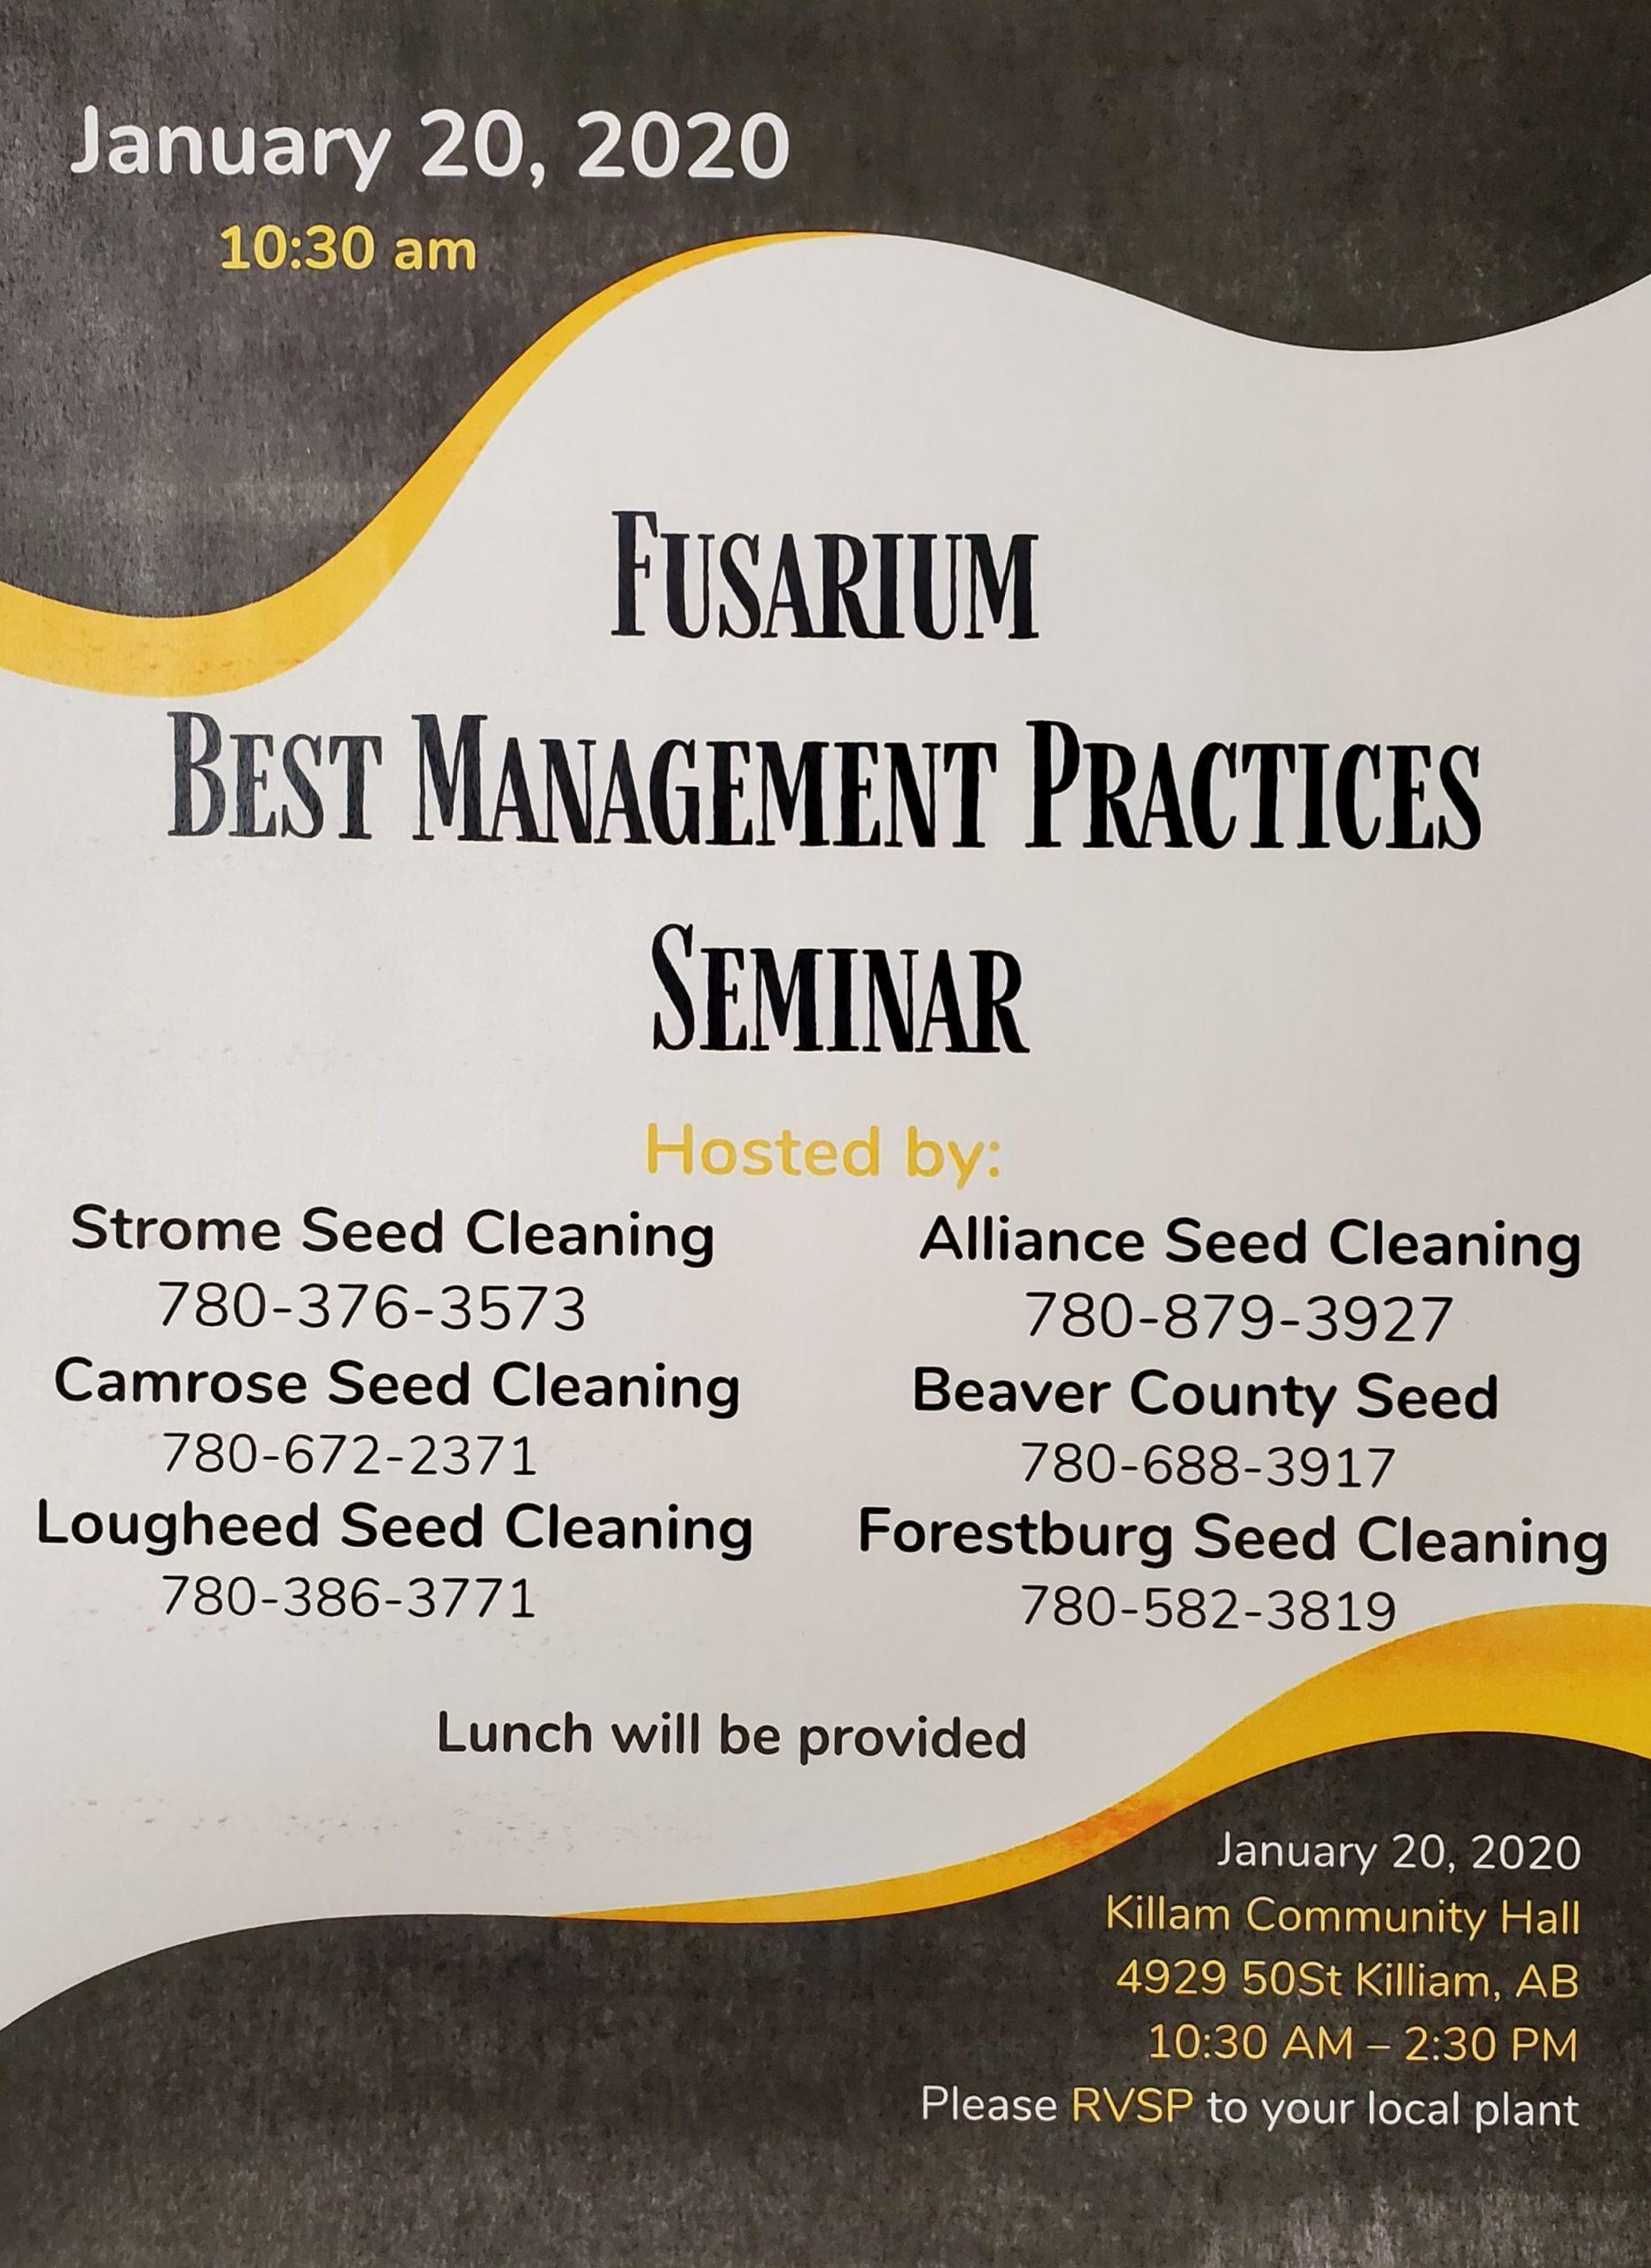 Fusarium Best Management Practices Seminar